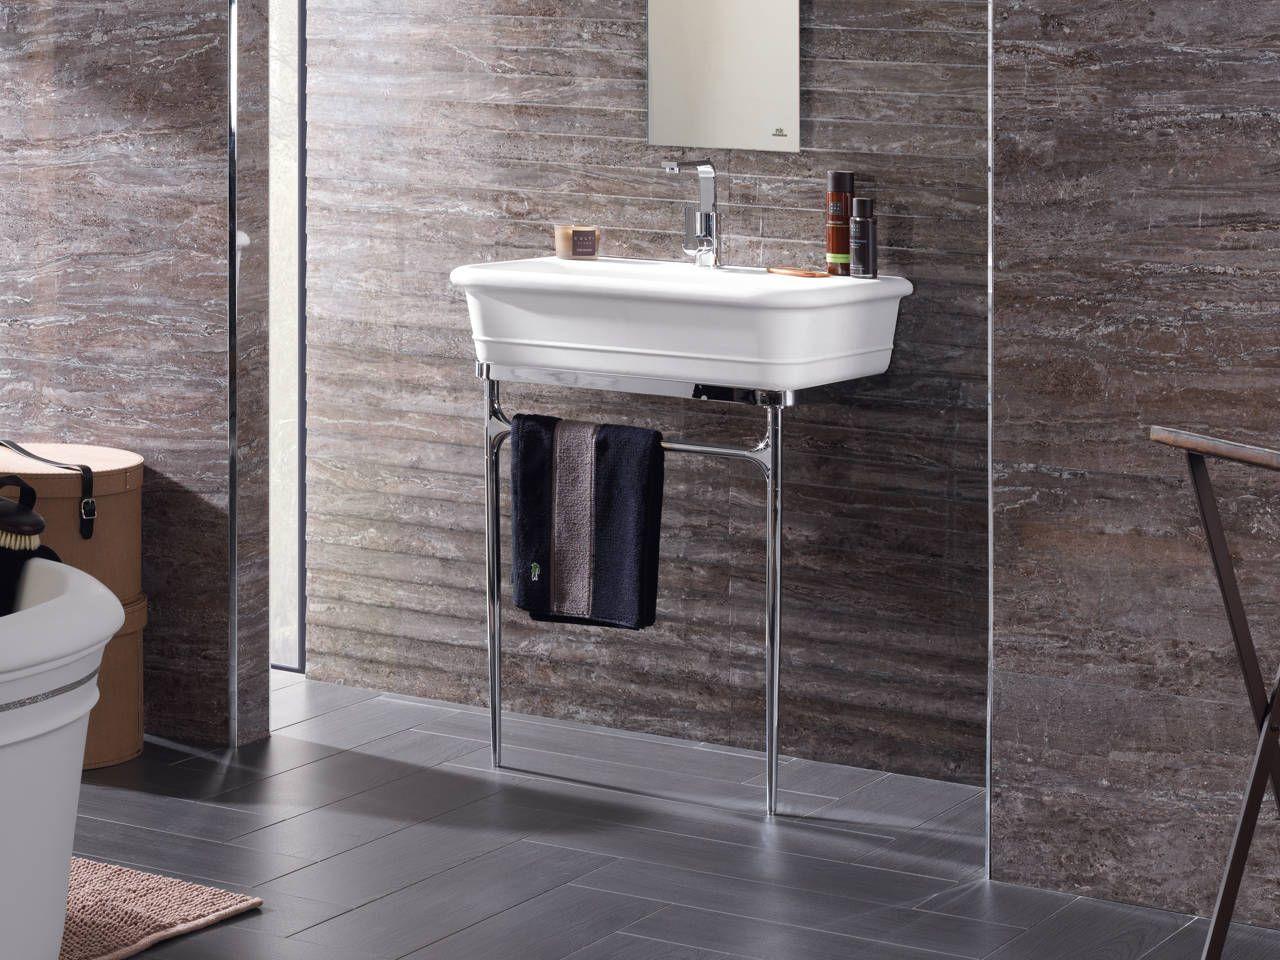 Vasca Da Bagno Krion : Porcelanosa lavabi in krion epoque dg arredo bagno